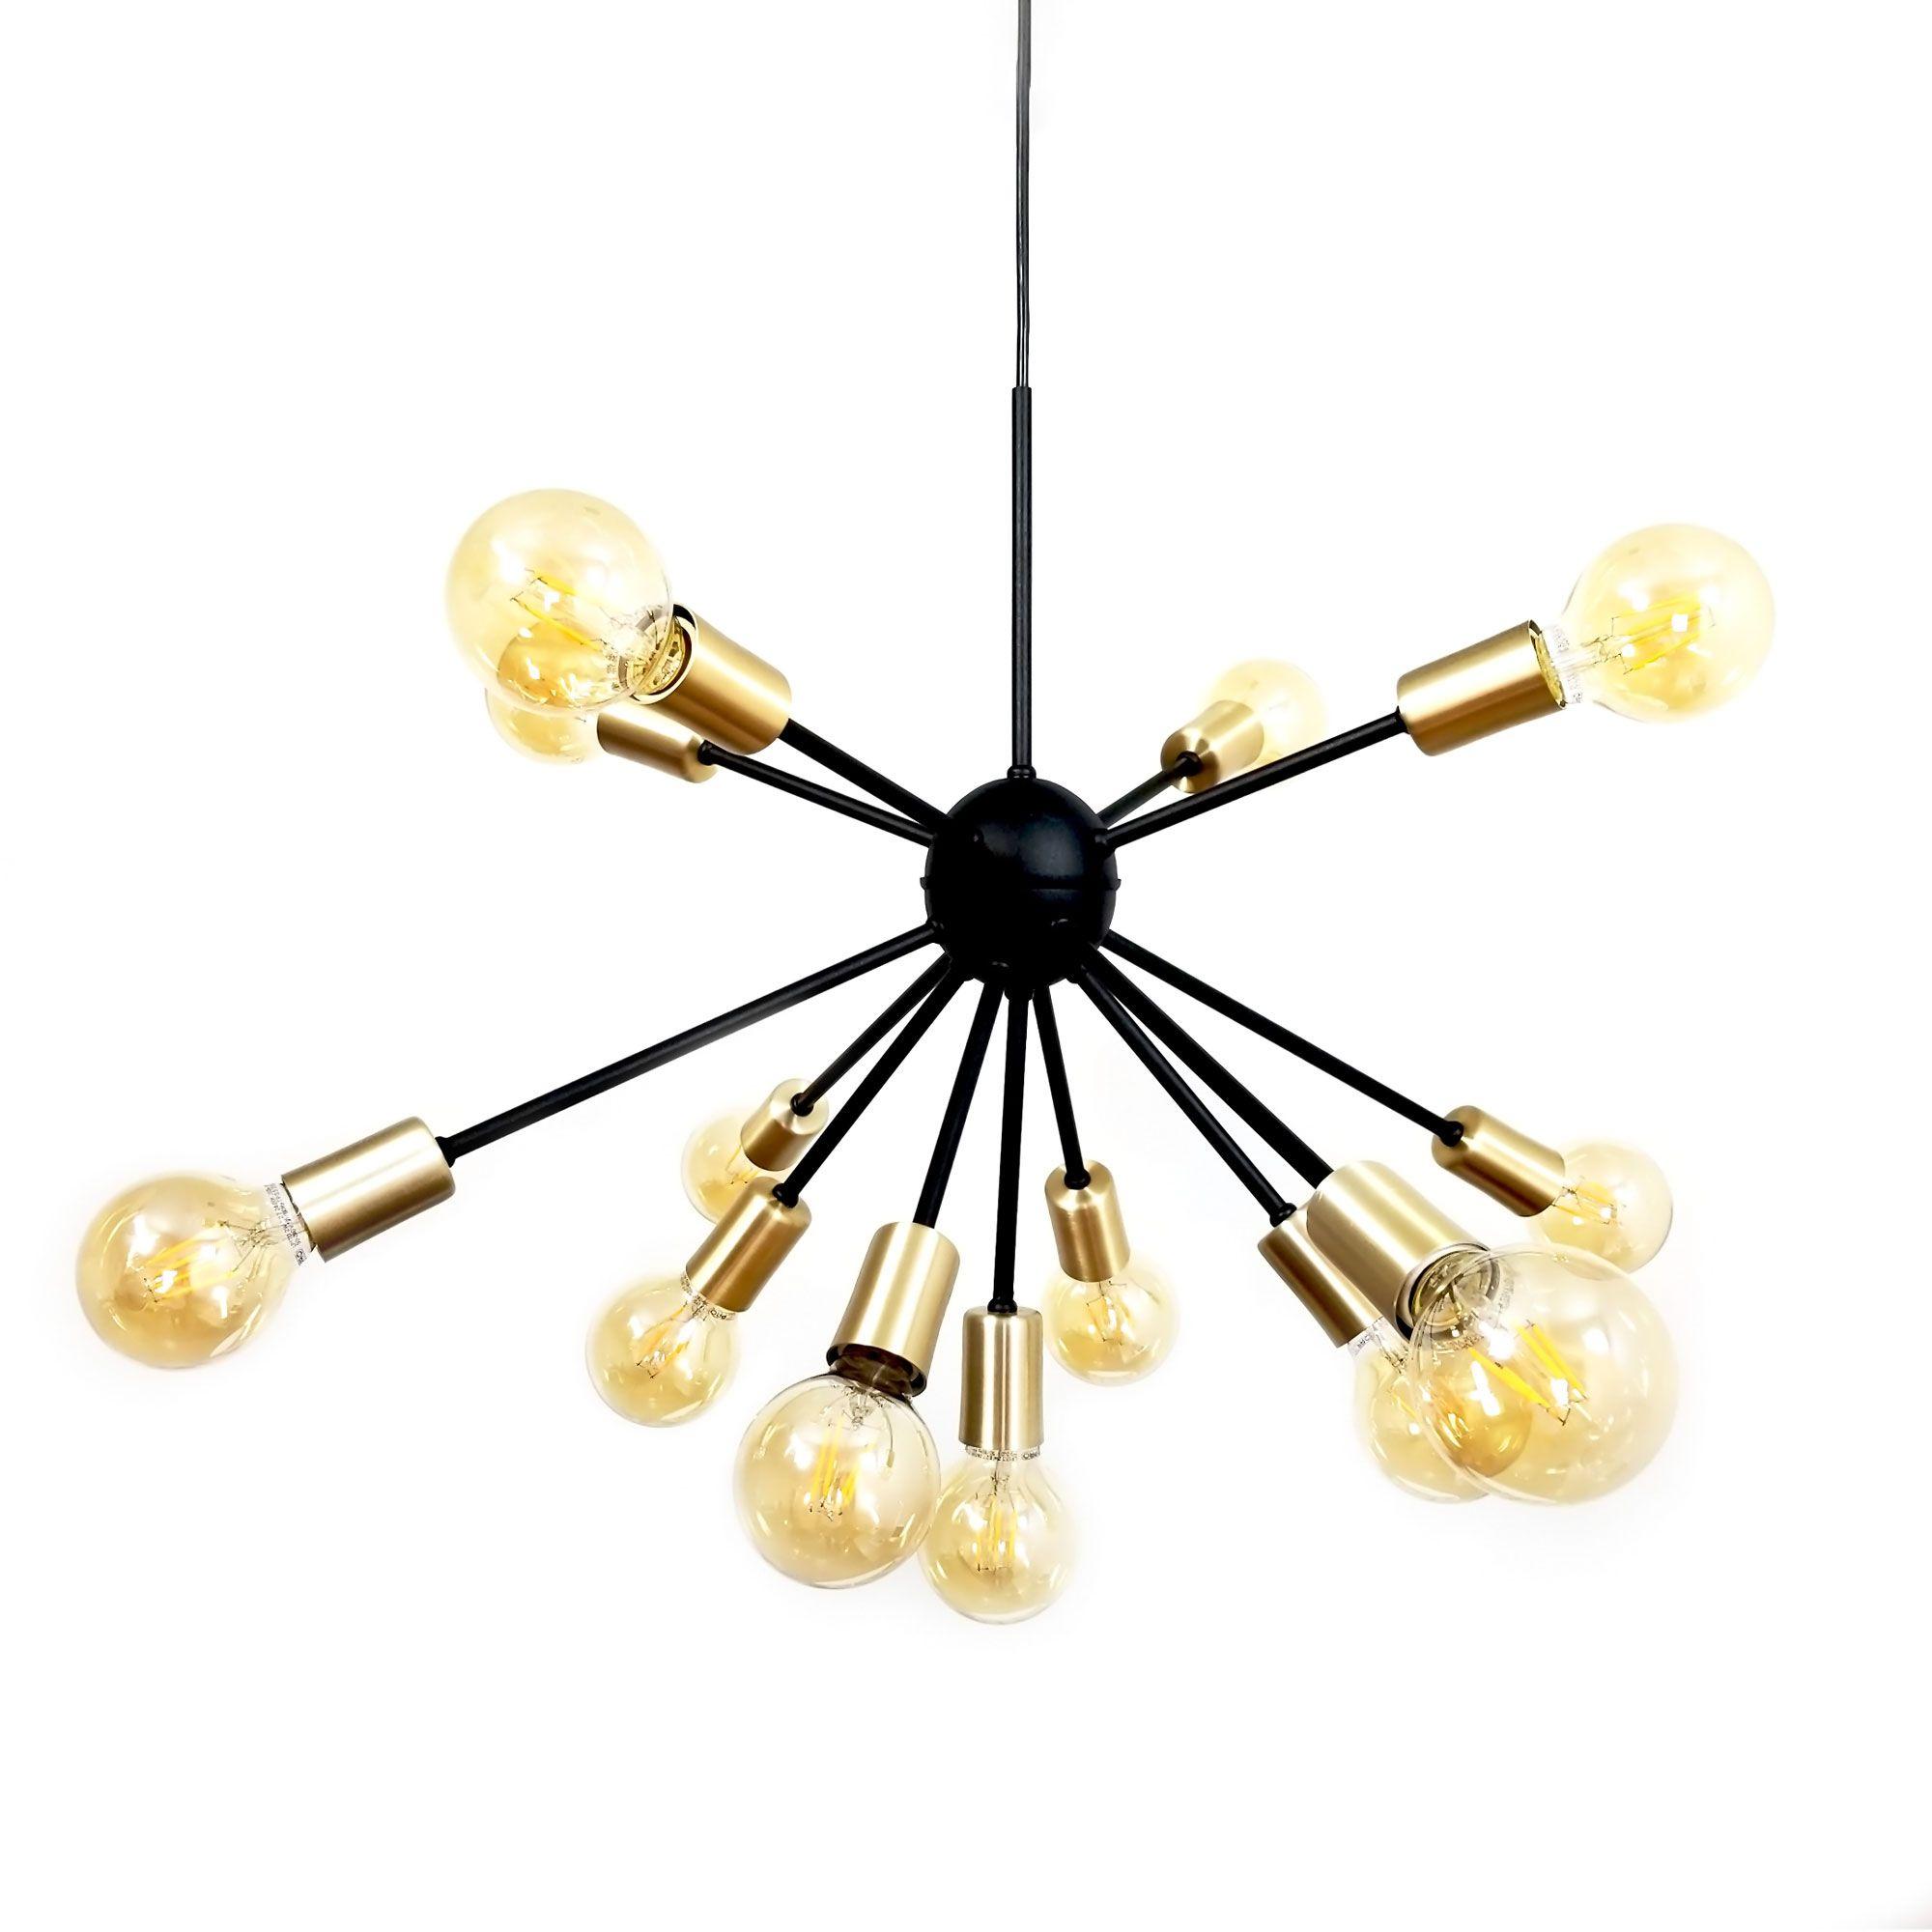 Lustre Moderno Sputnik Preto com Dourado - 13 Lâmpadas (Não Inclusas)